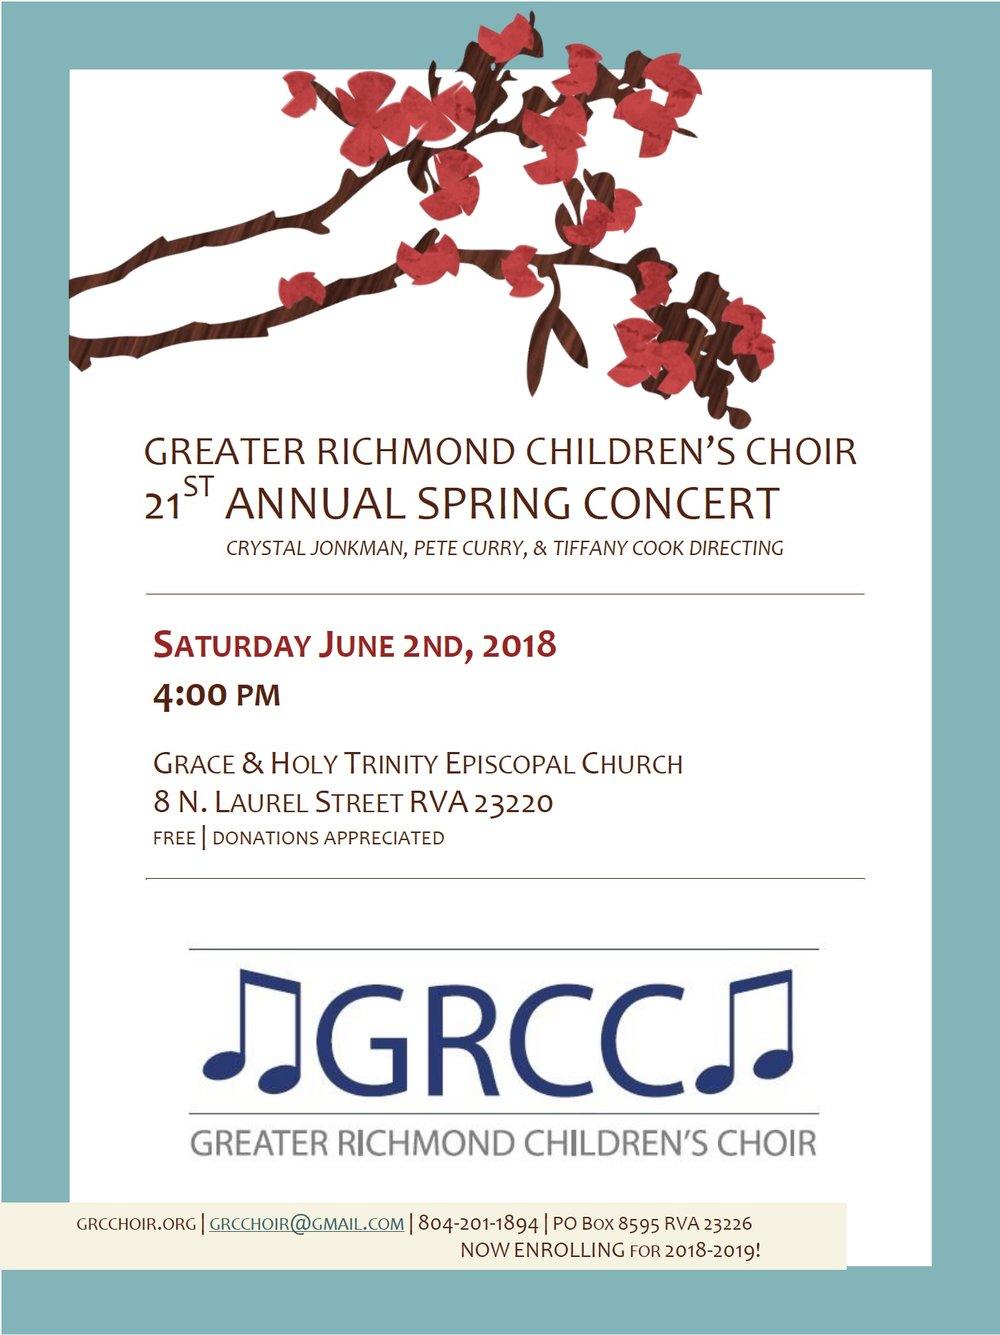 spring concert flyer 2018.jpg